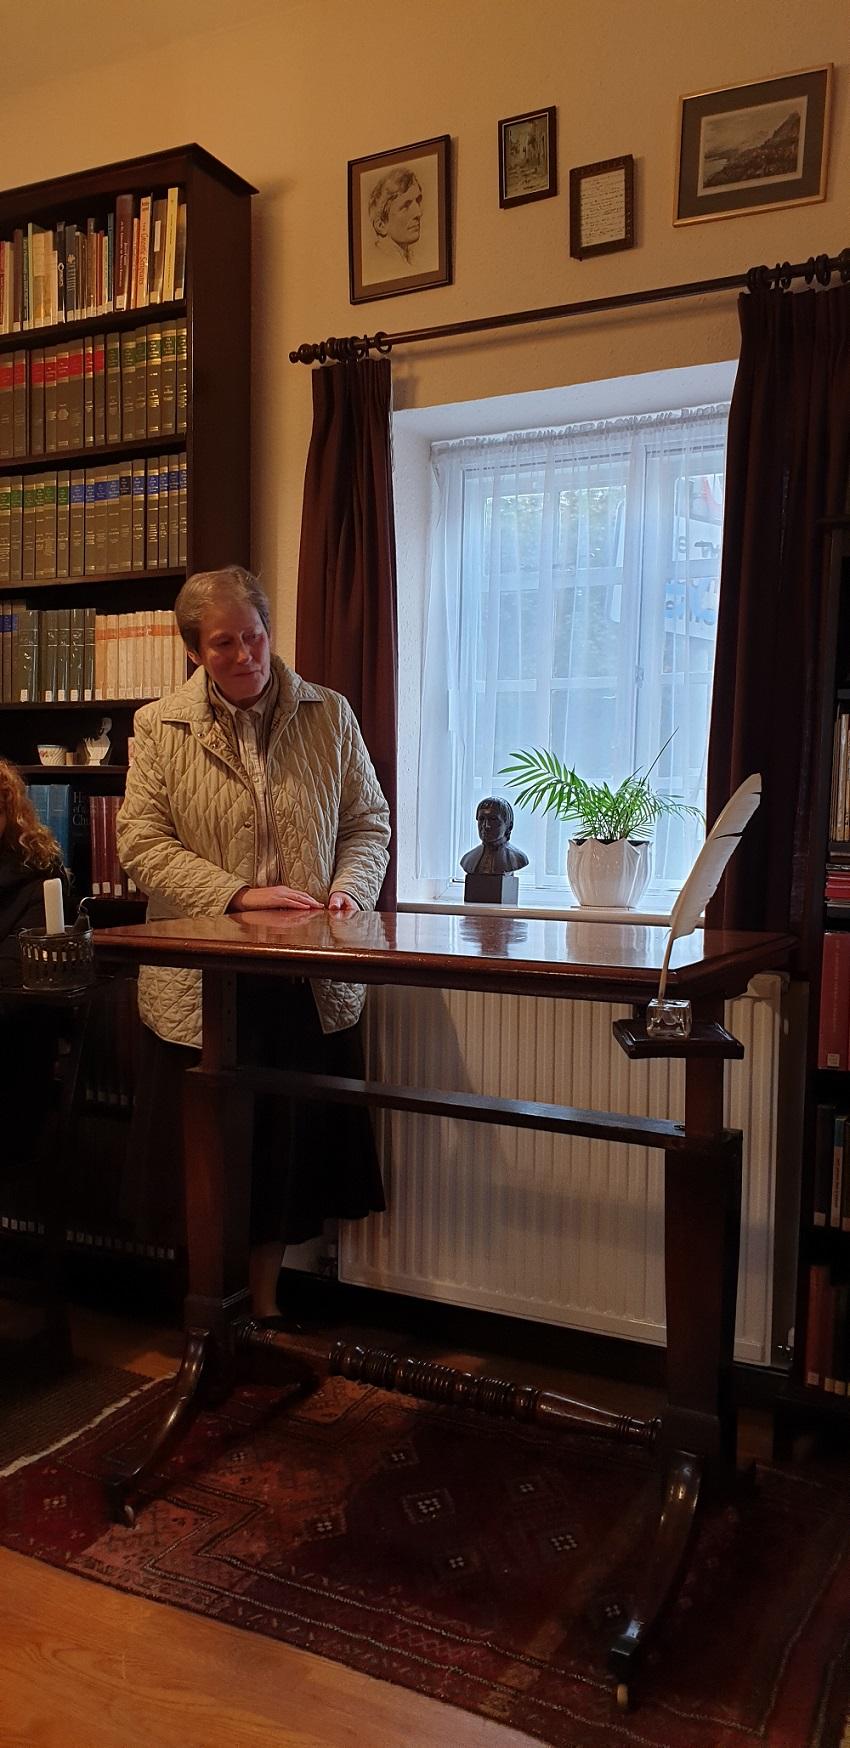 De Schrijftafel in de bibliotheek